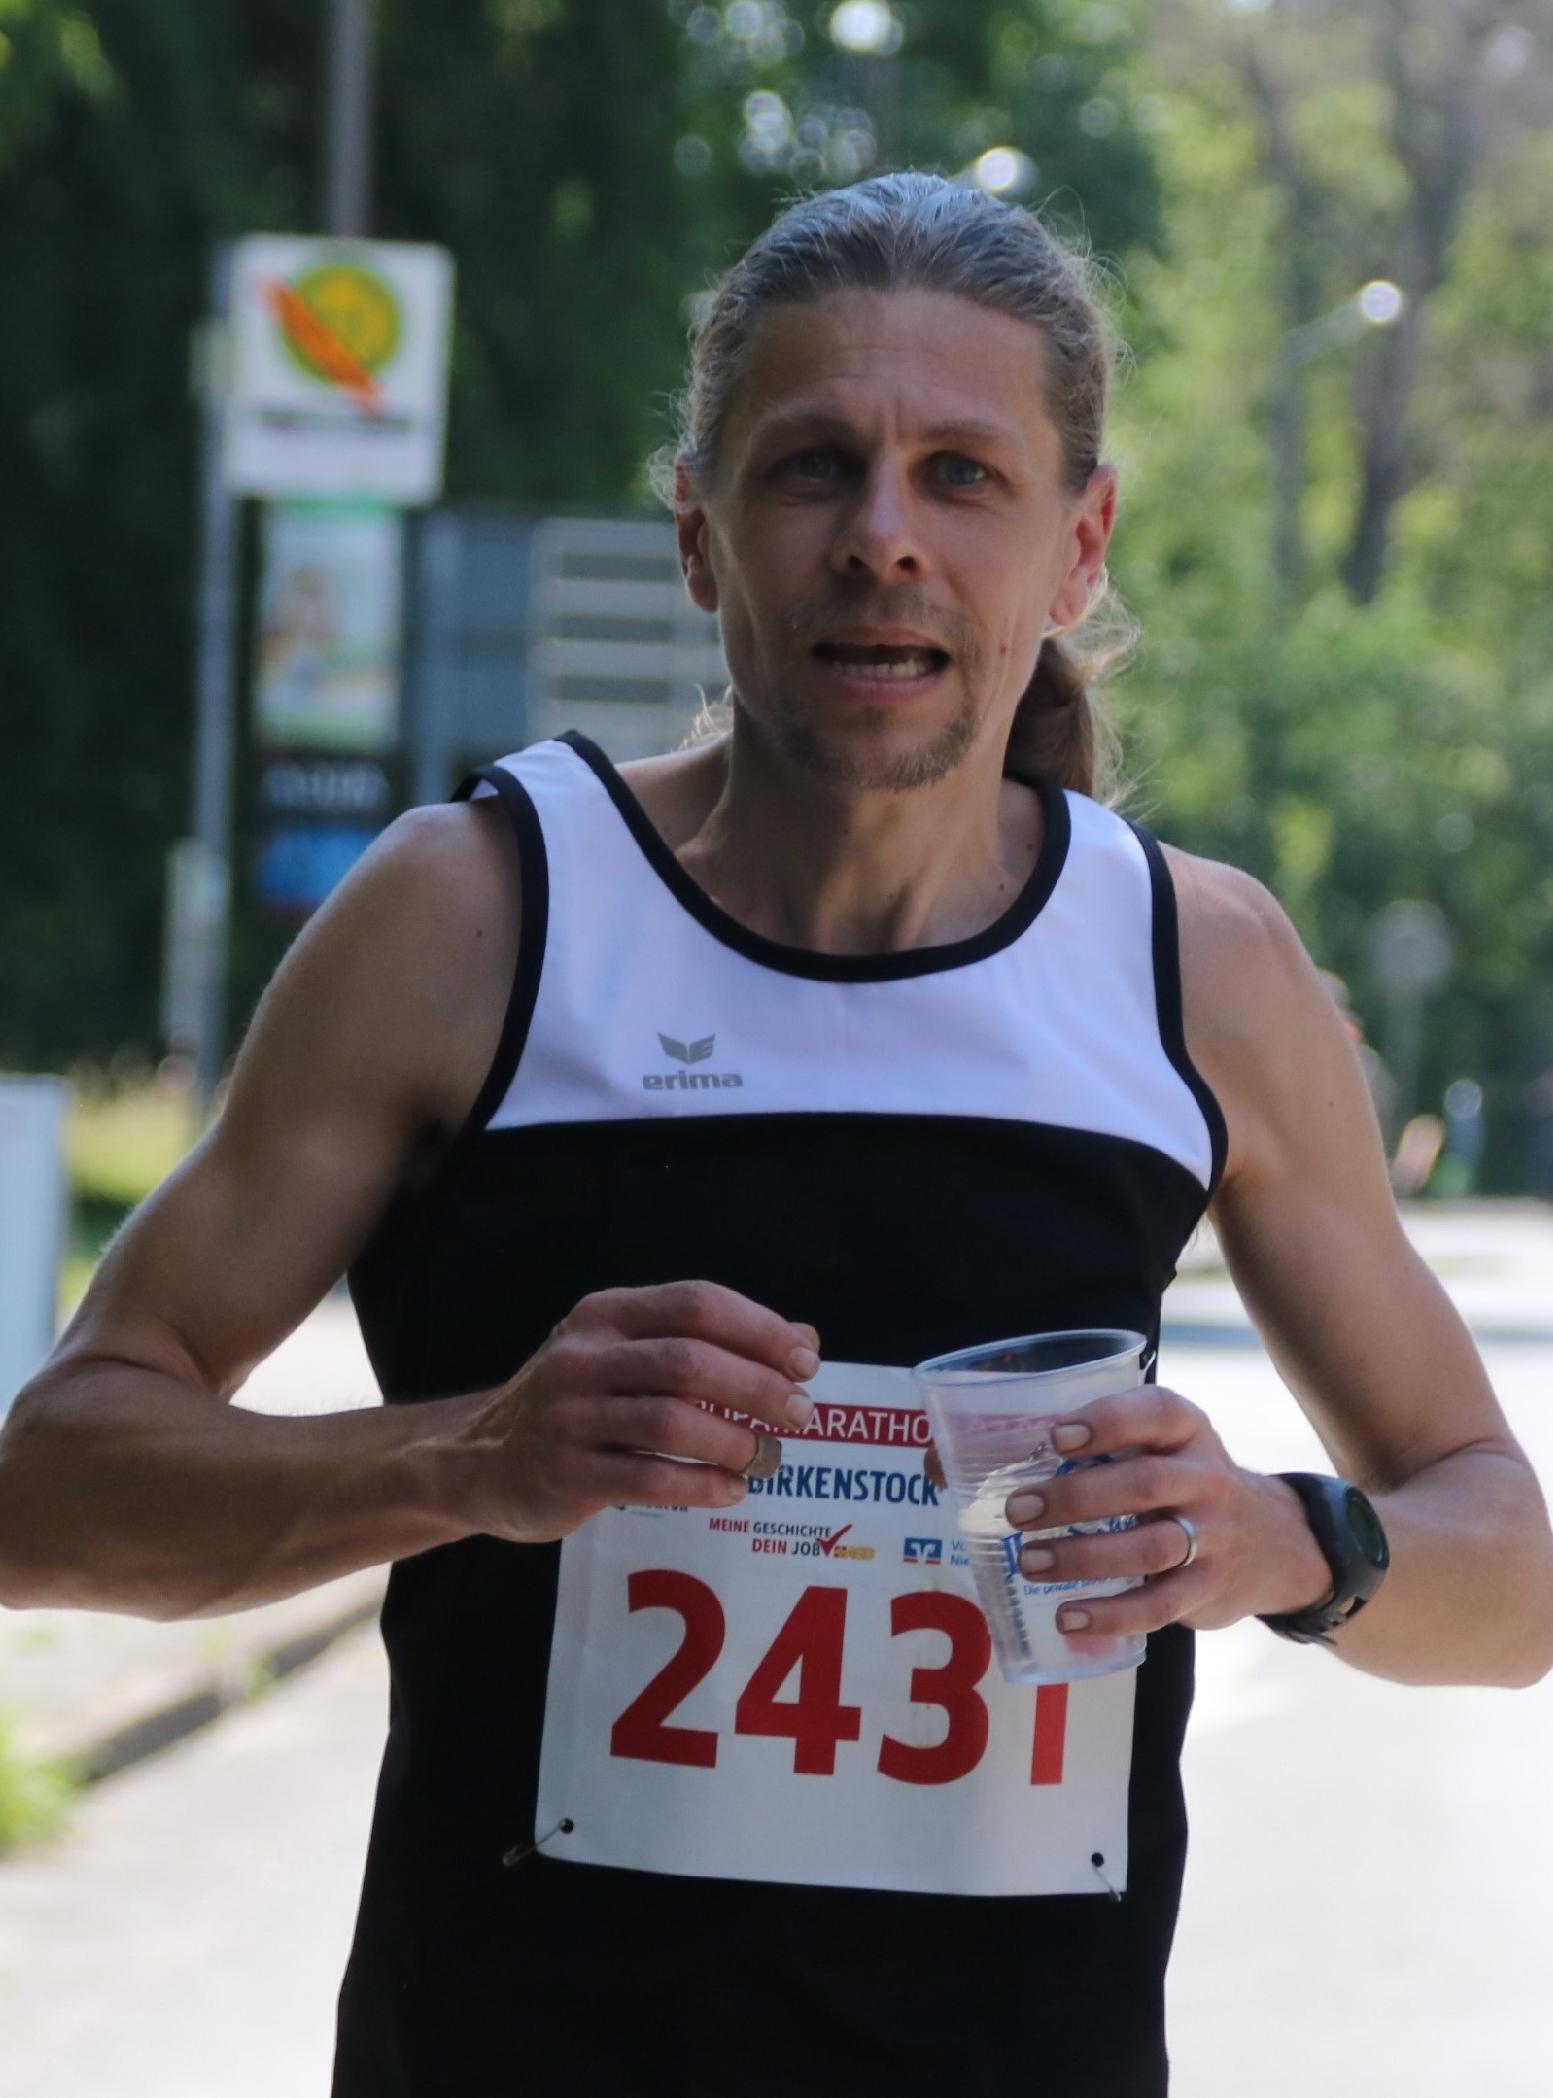 André Klemt